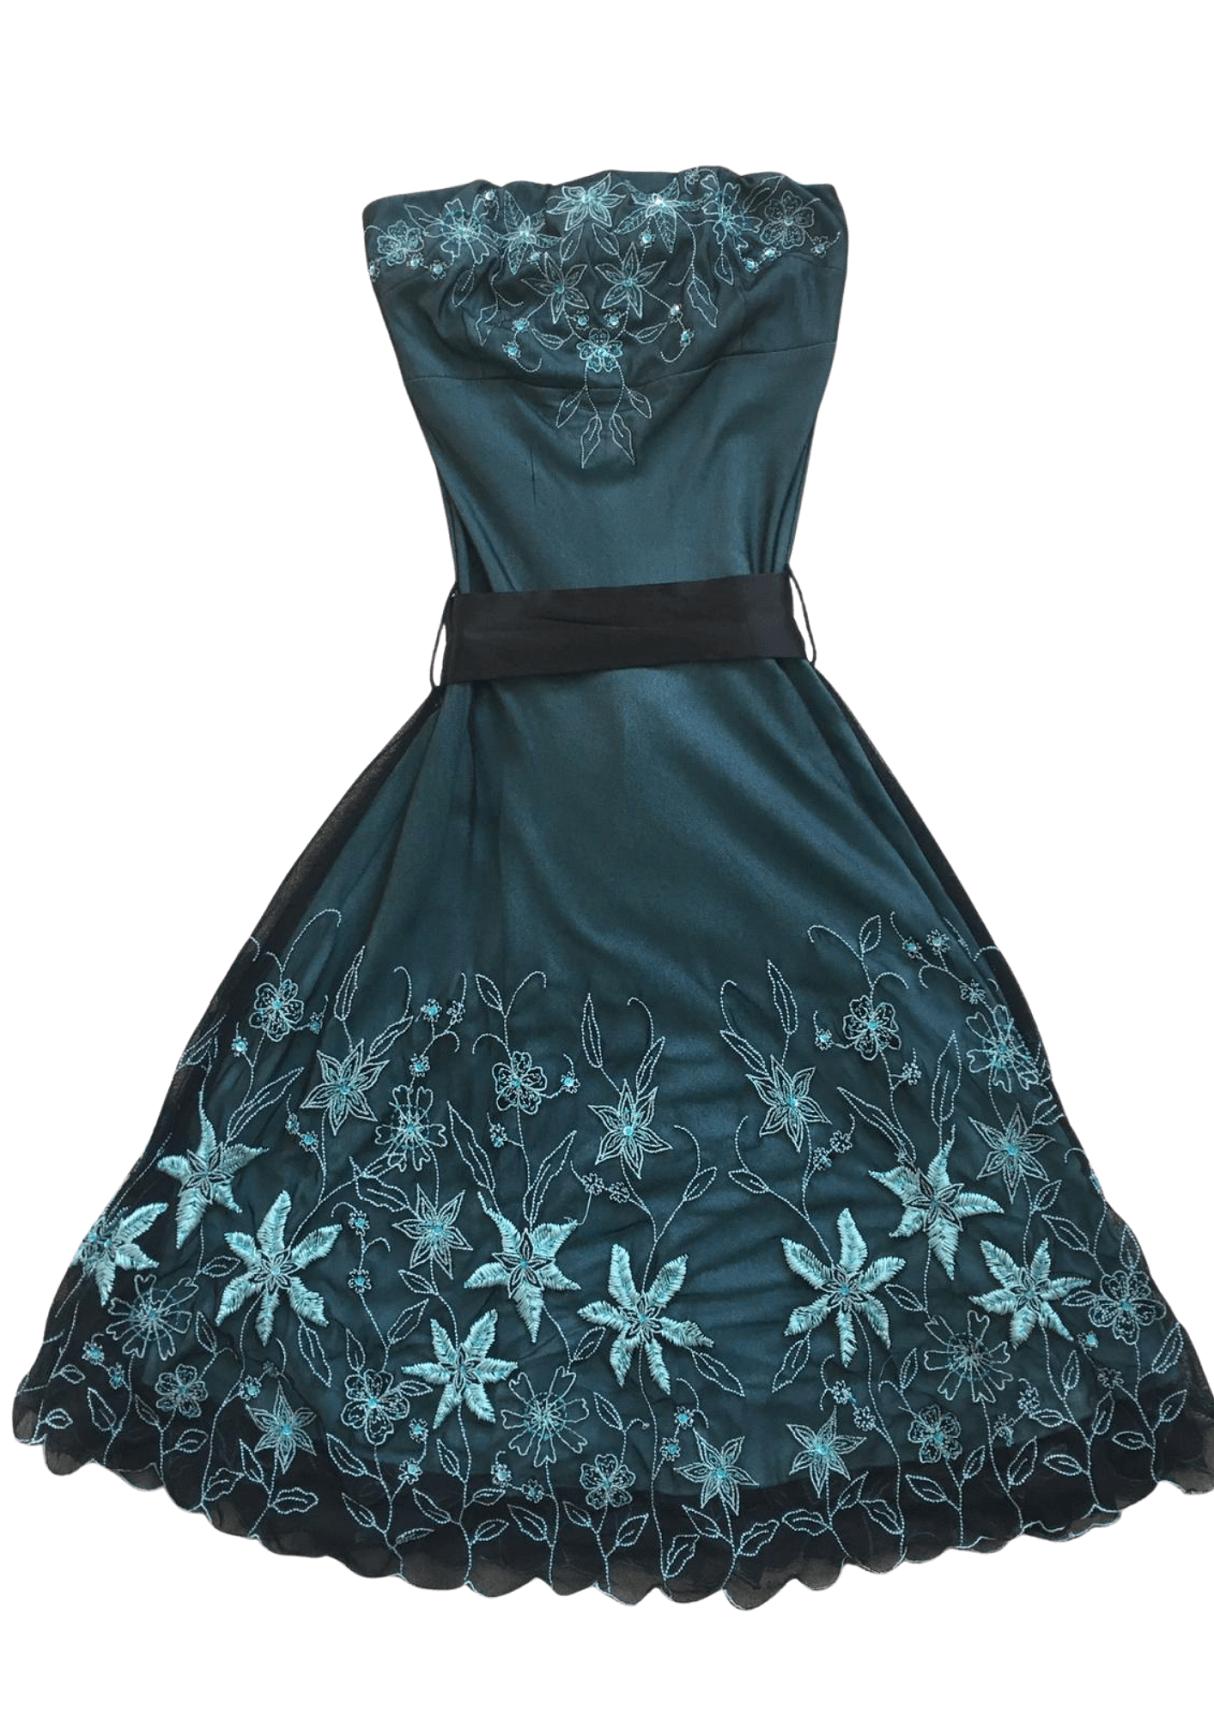 Pre-Loved Strapless Dress Black & Teal – Size 4 Kind Shop